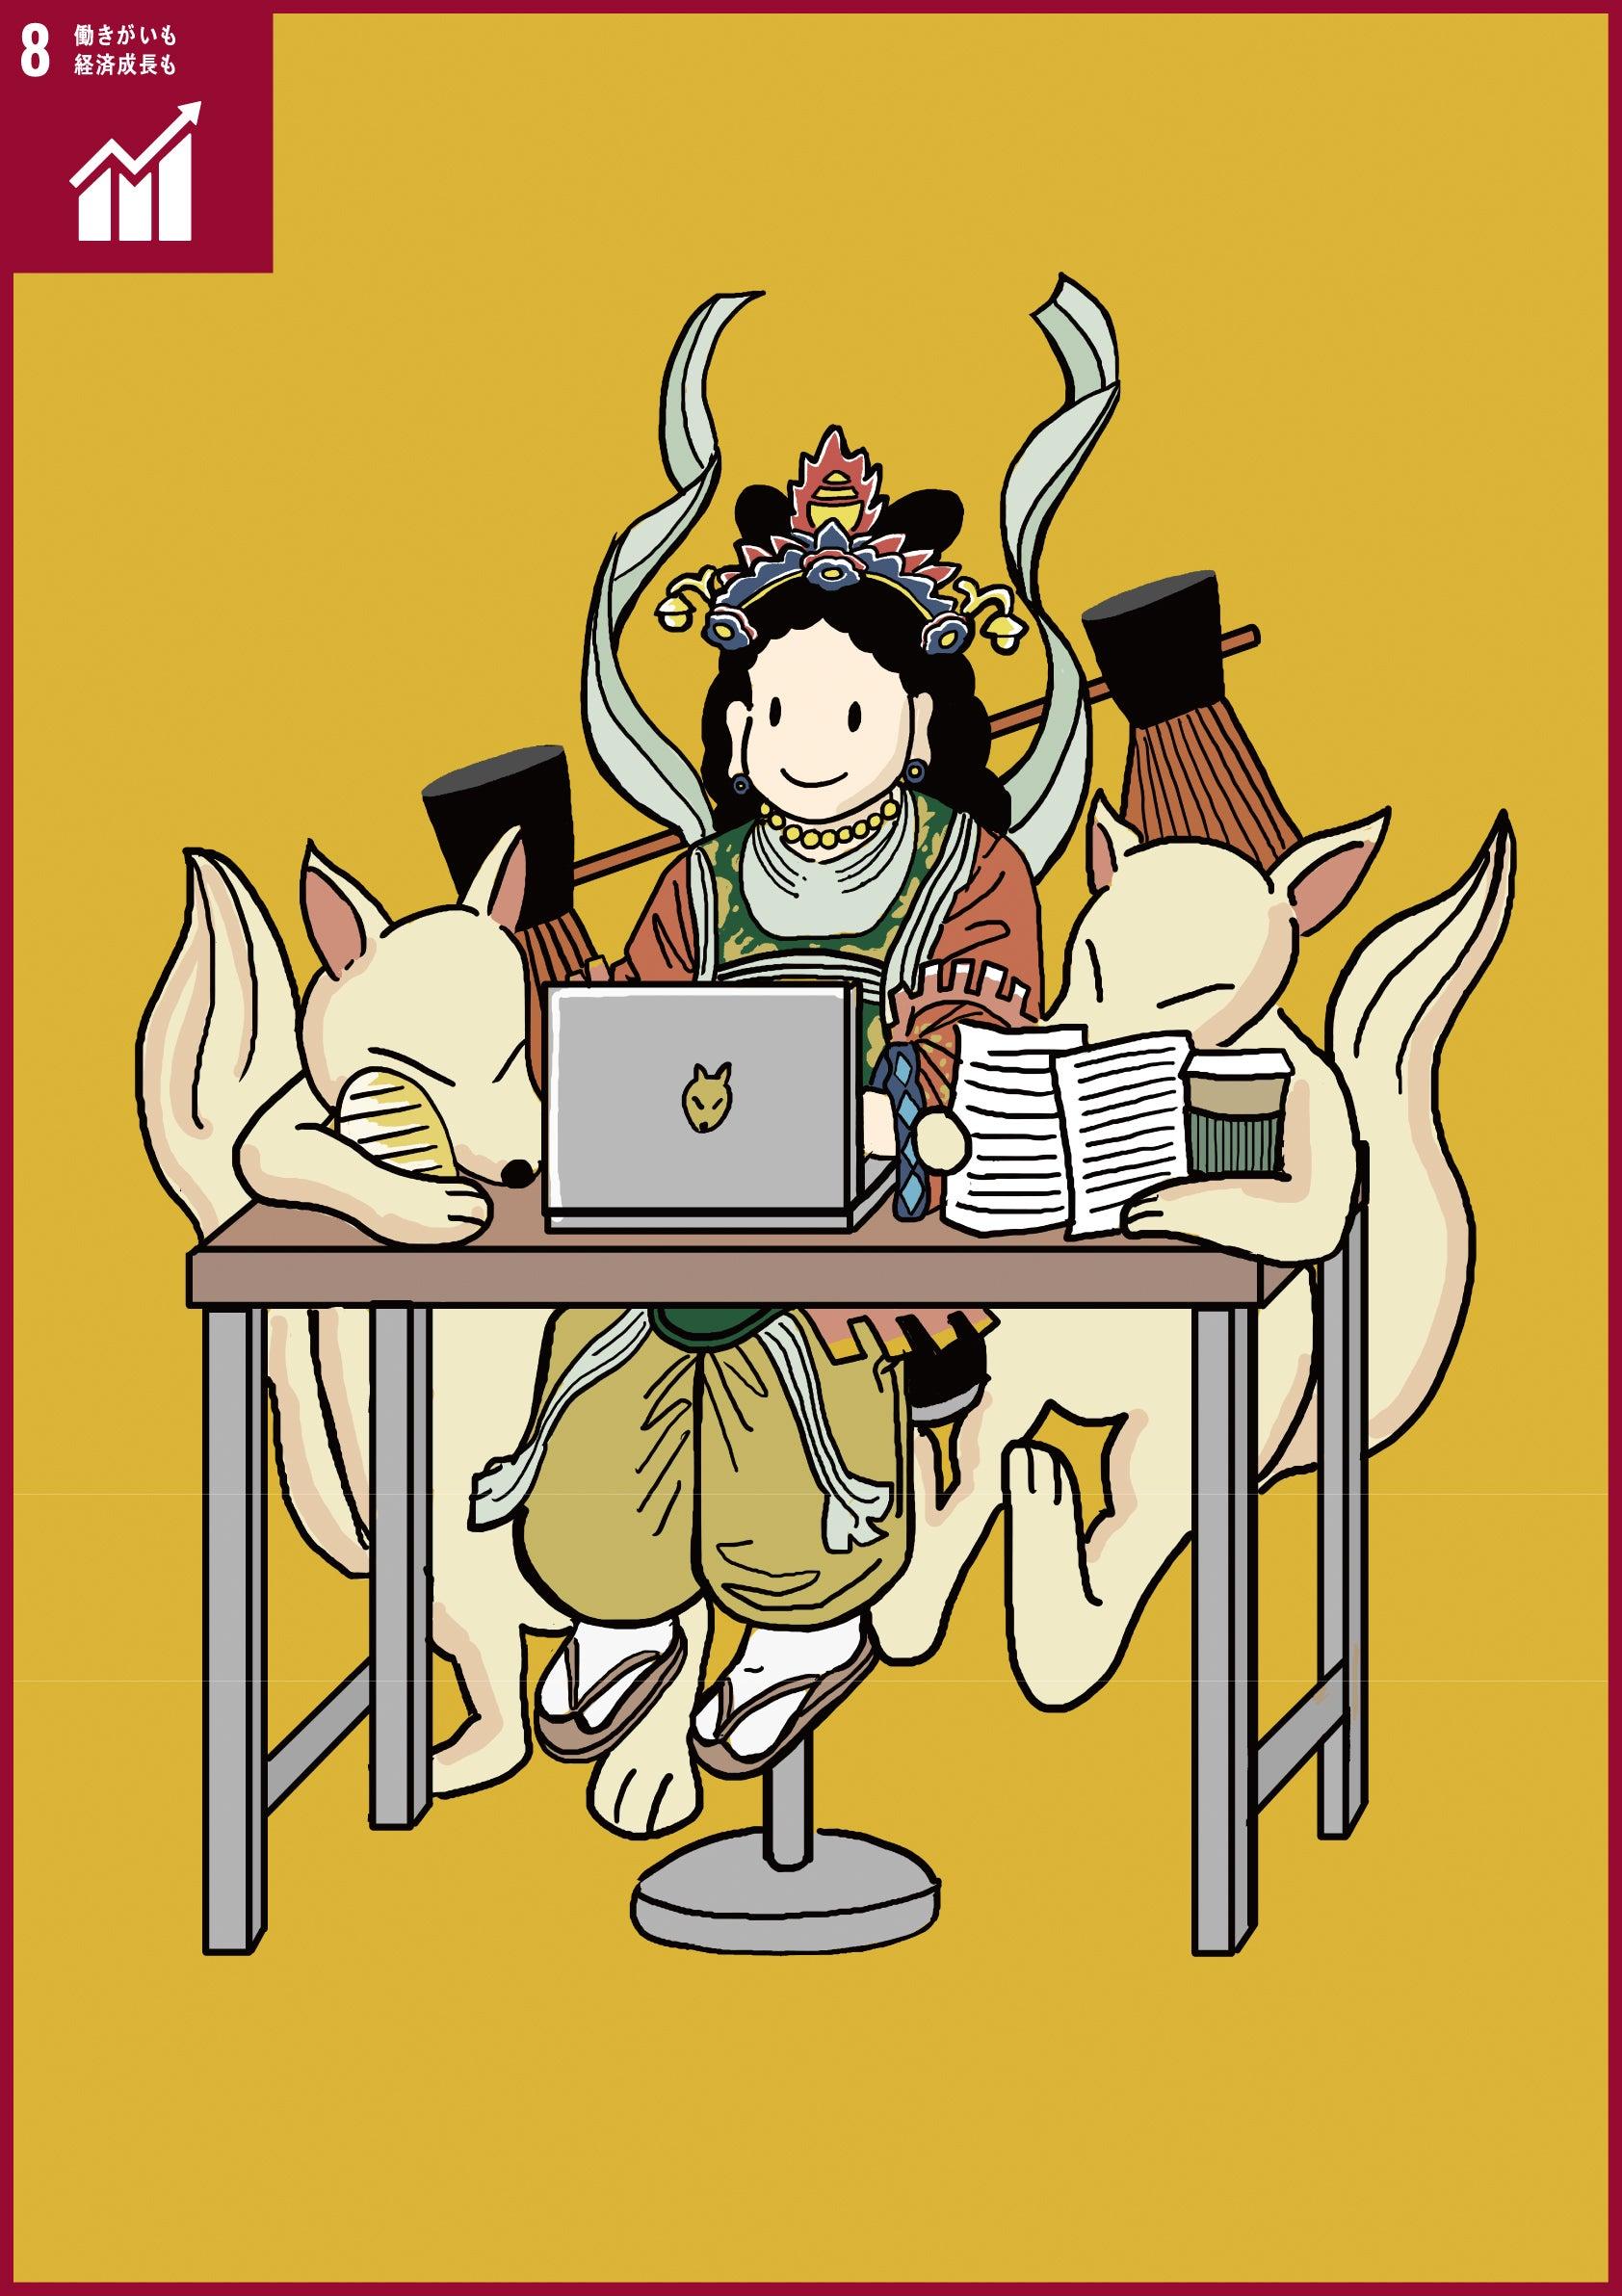 最上位経王大菩薩(さいじょういきょうおうだいぼさつ)  食料と農作や厄払の象徴「稲穂・鎌」を持つ労働守護や衆生済度のために出現した菩薩。